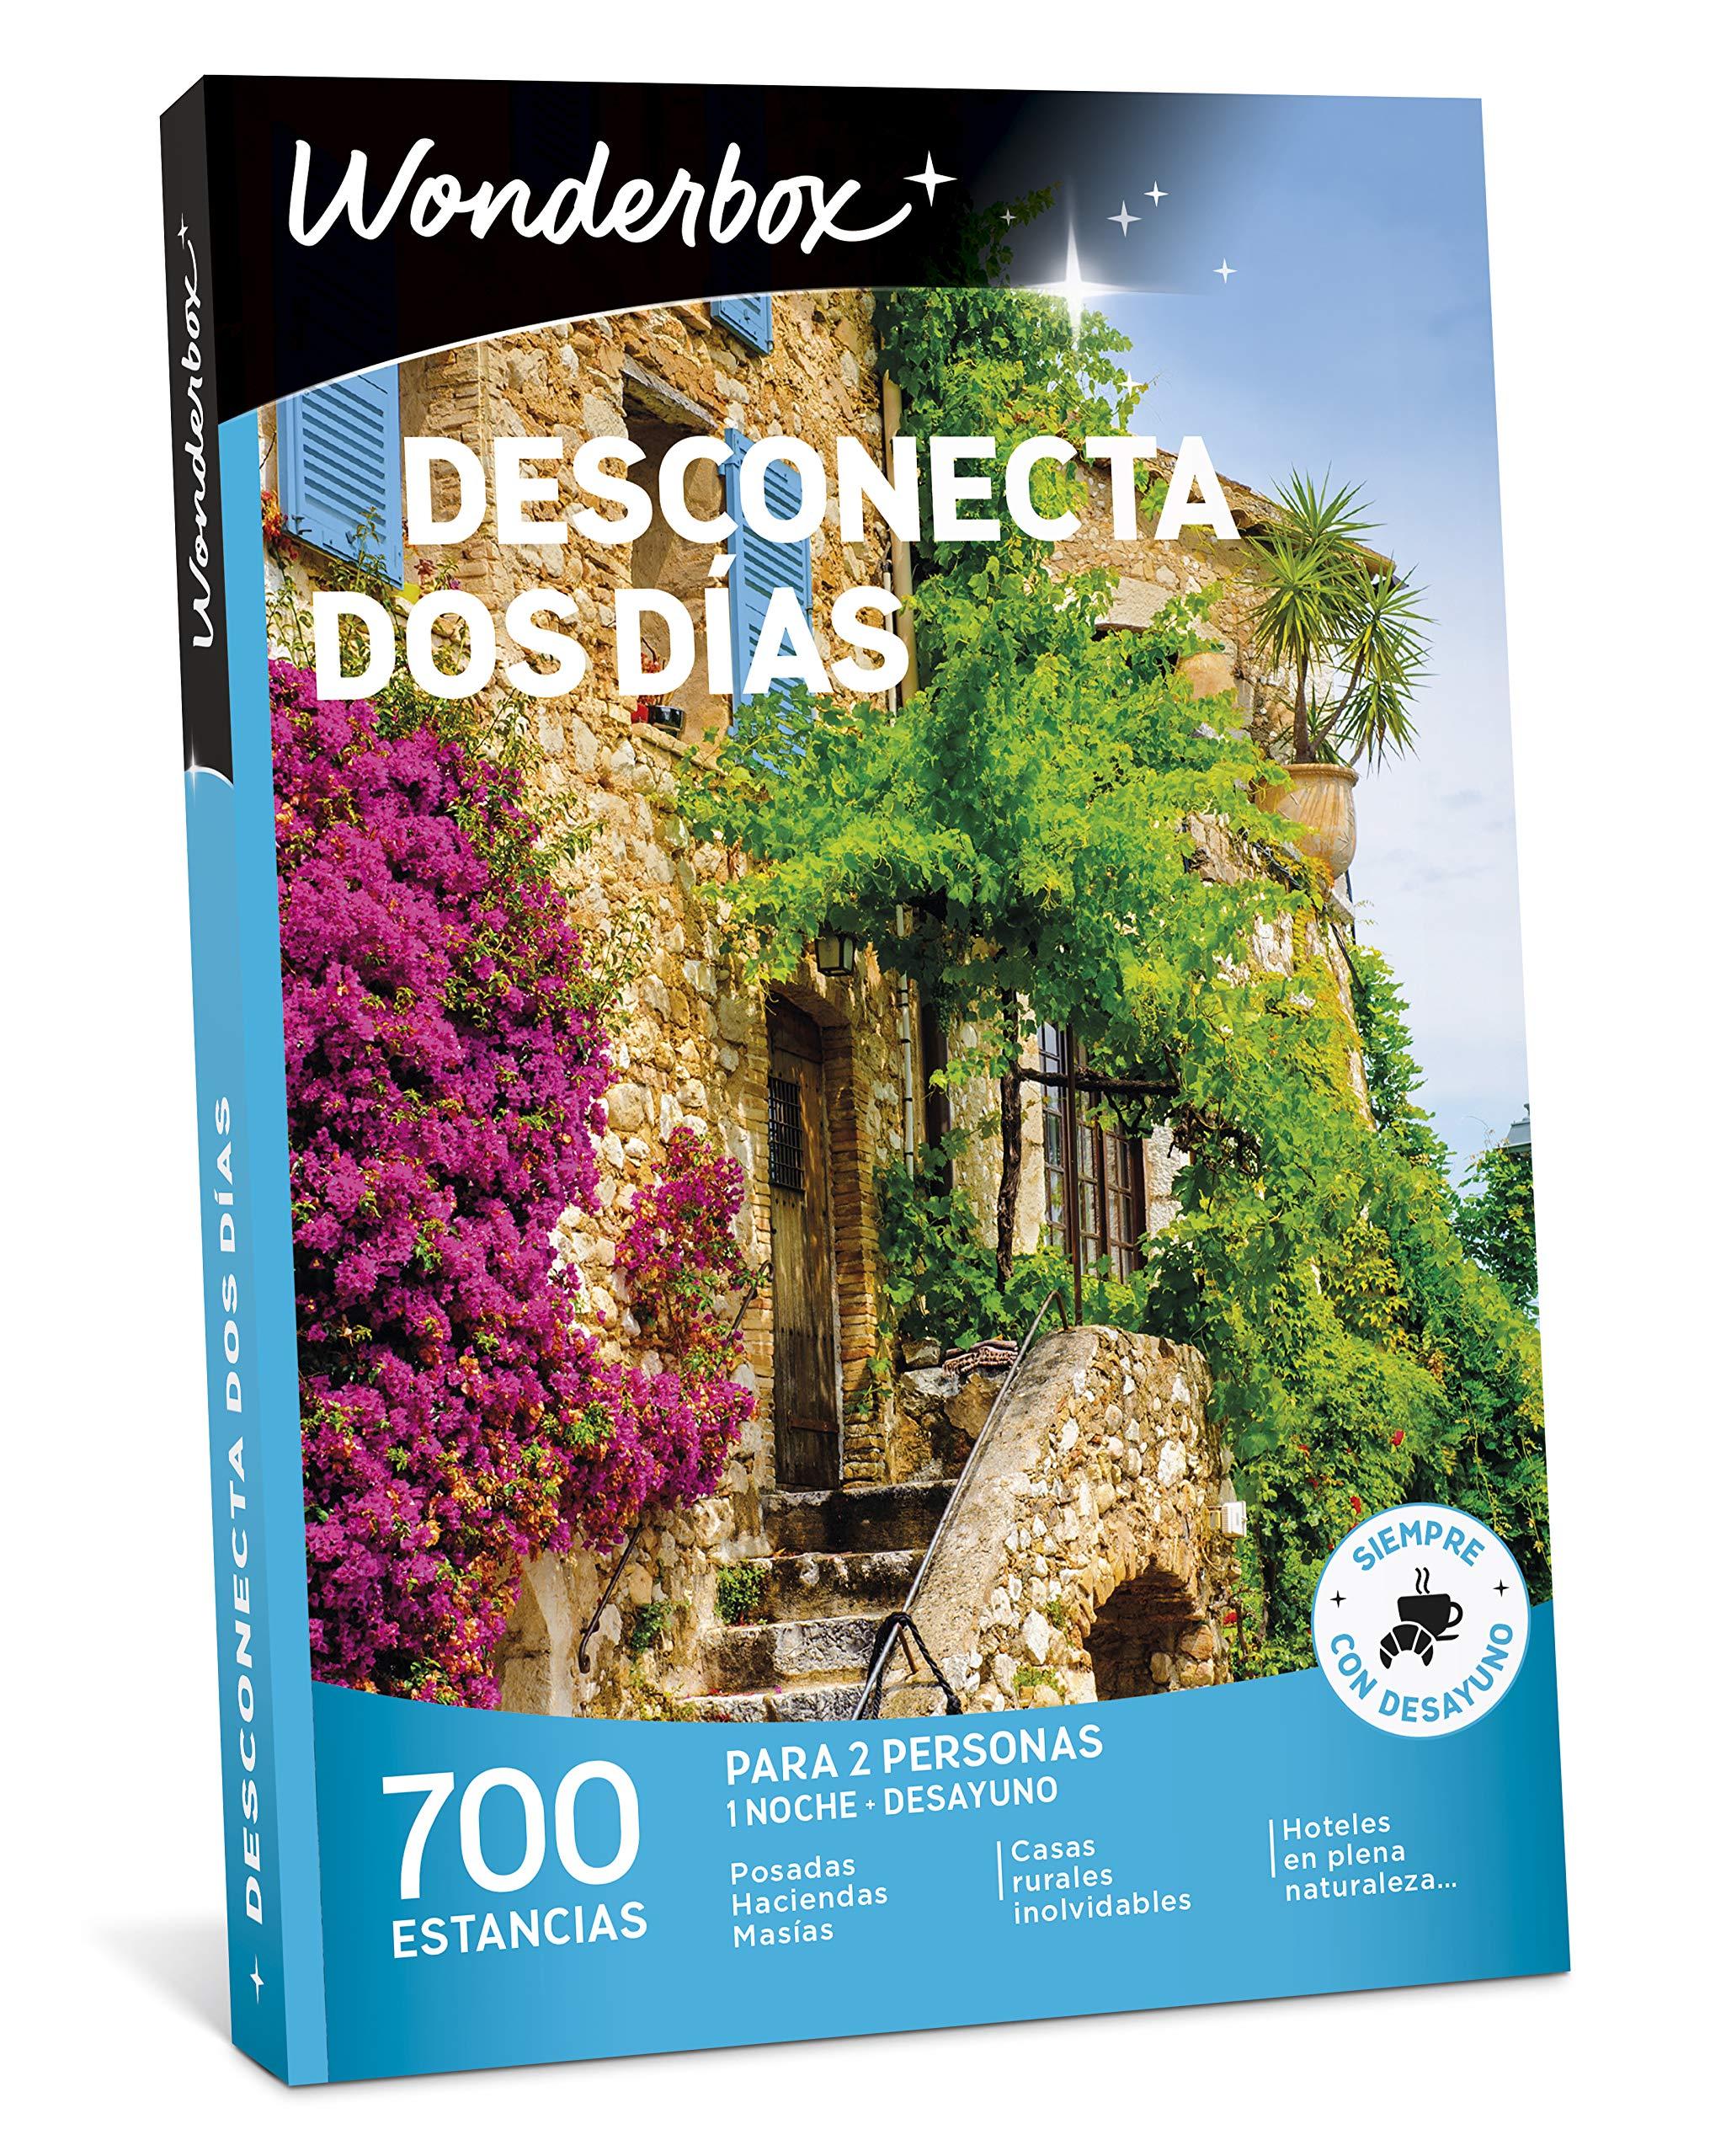 WONDERBOX Caja Regalo -DESCONECTA Dos DÍAS- 700 estancias Rurales ...